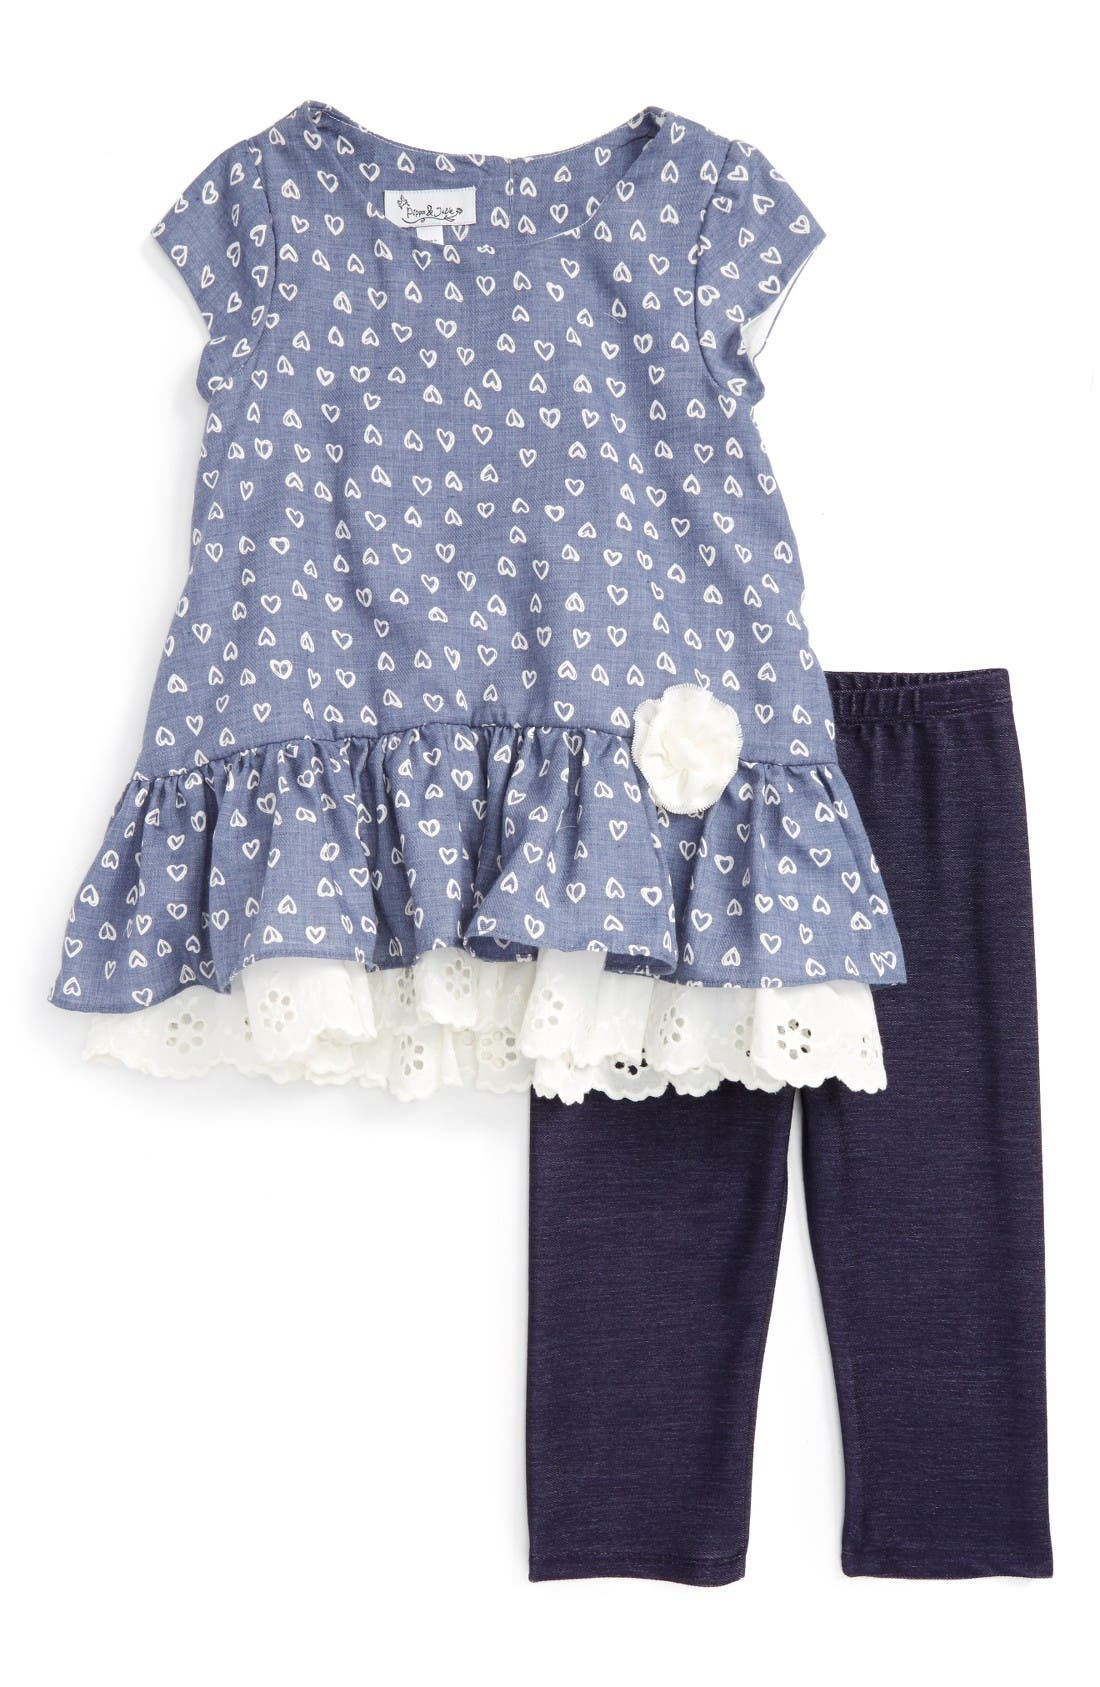 Main Image - Pippa & Julie Peplum Tunic & Leggings Set (Toddler Girls & Little Girls)